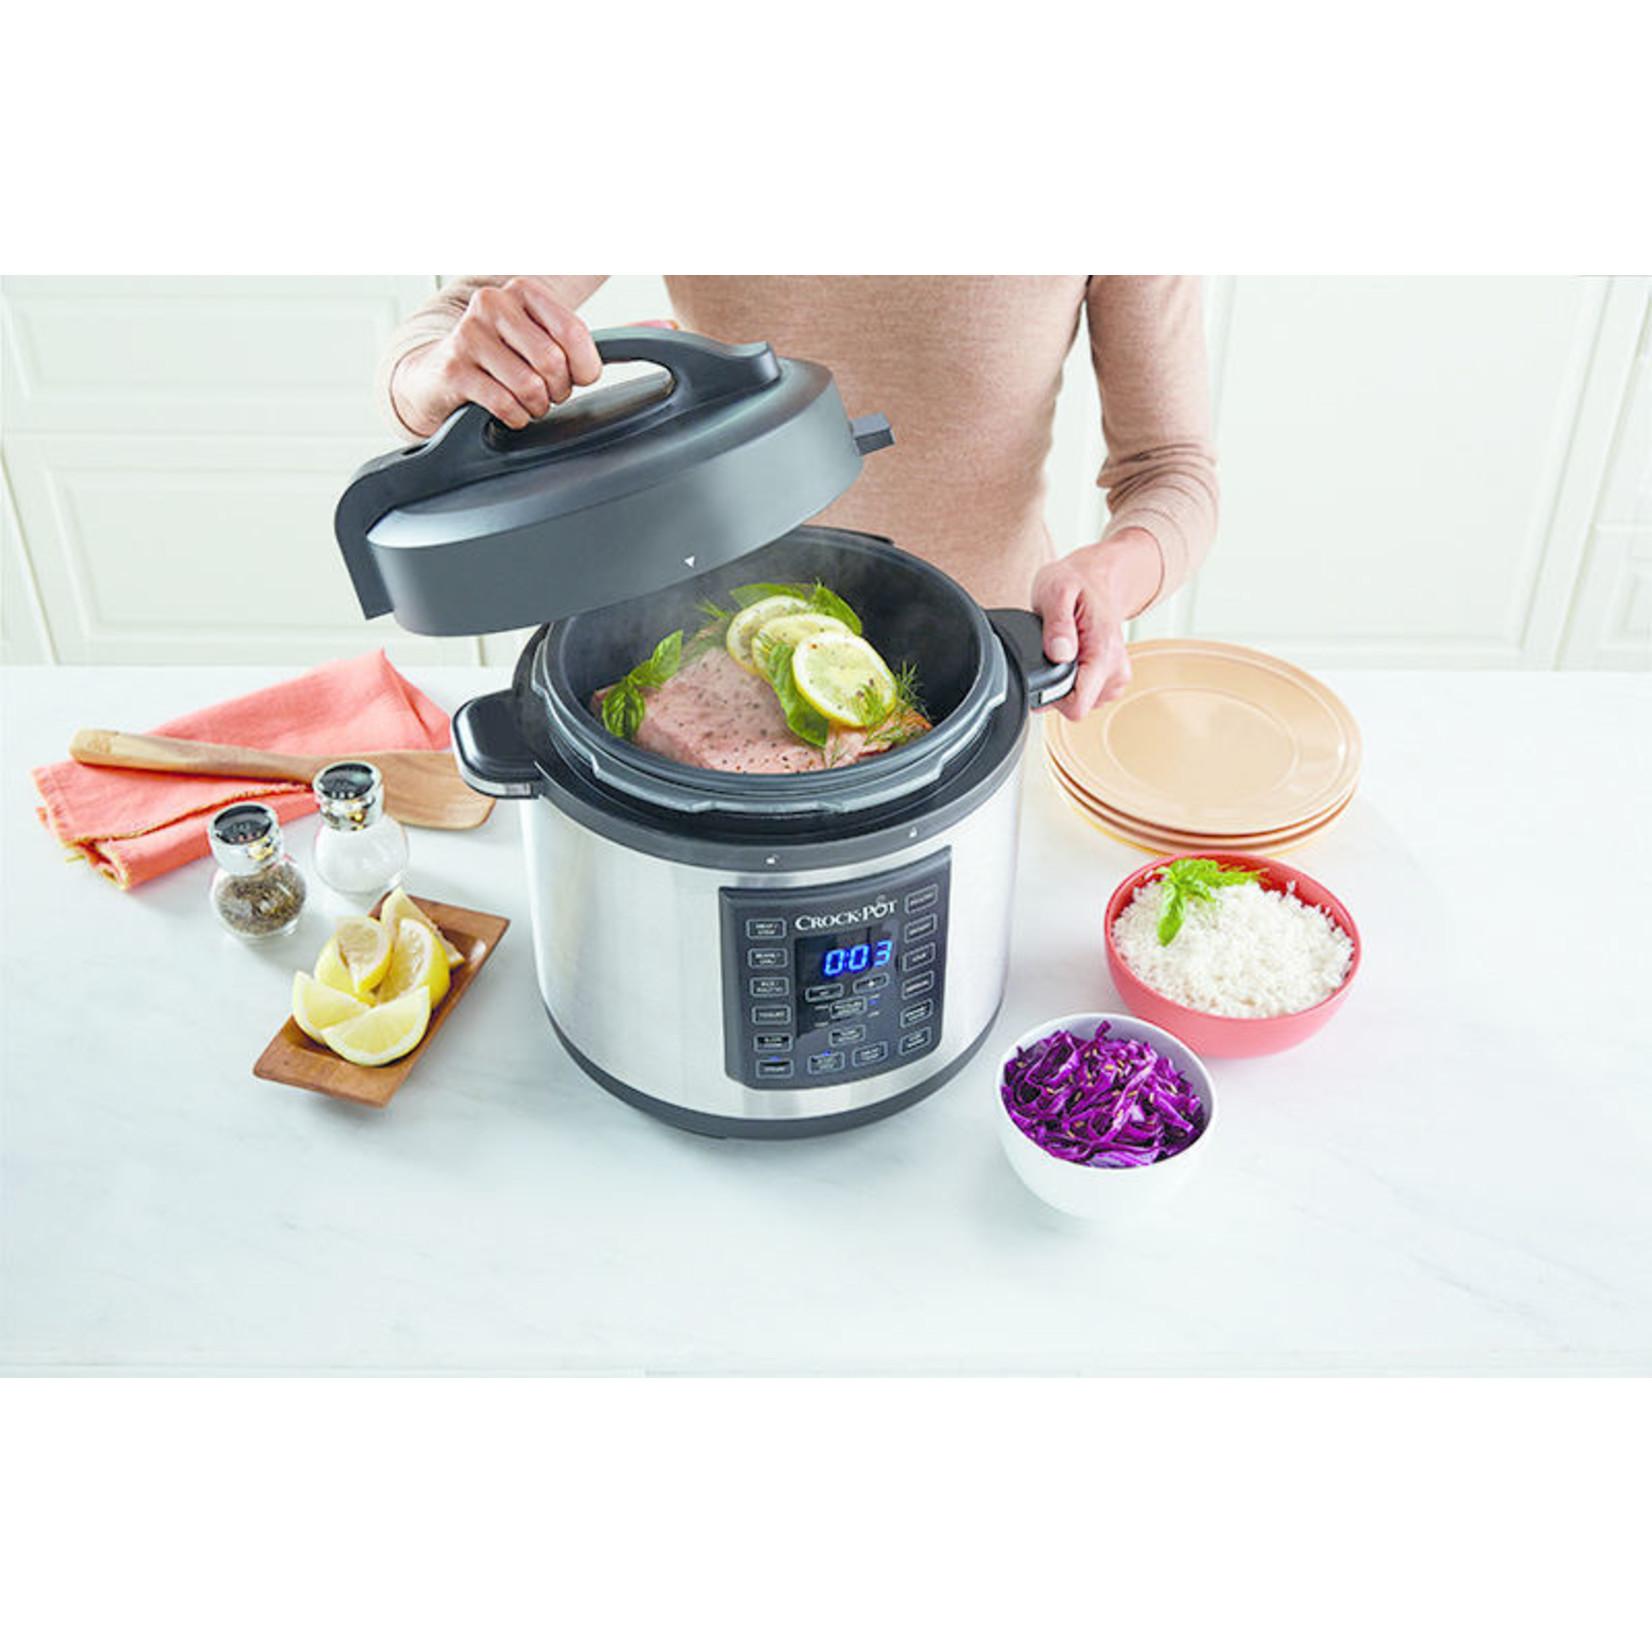 Crock-Pot Crock-Pot multi-cooker 5,7L